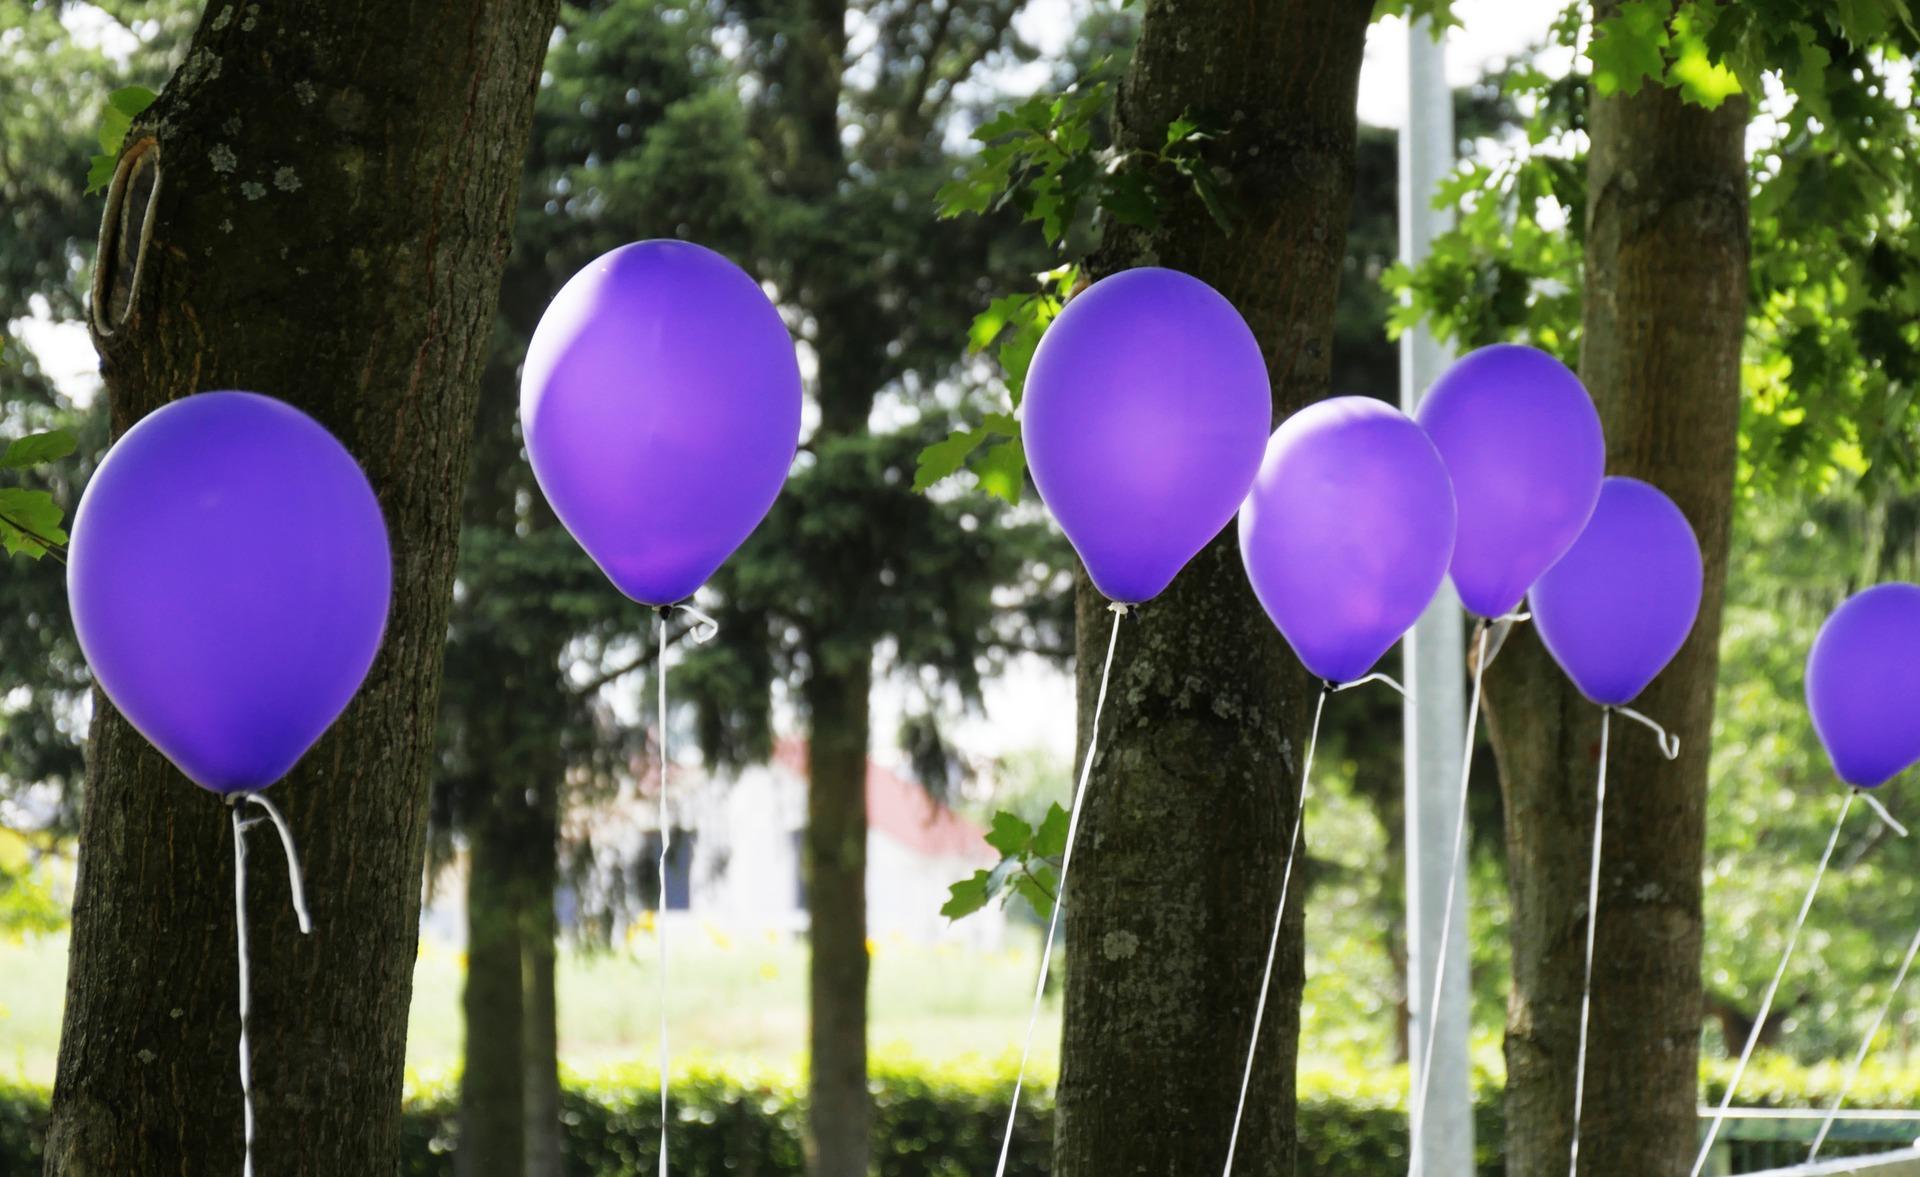 7 Purple Balloons